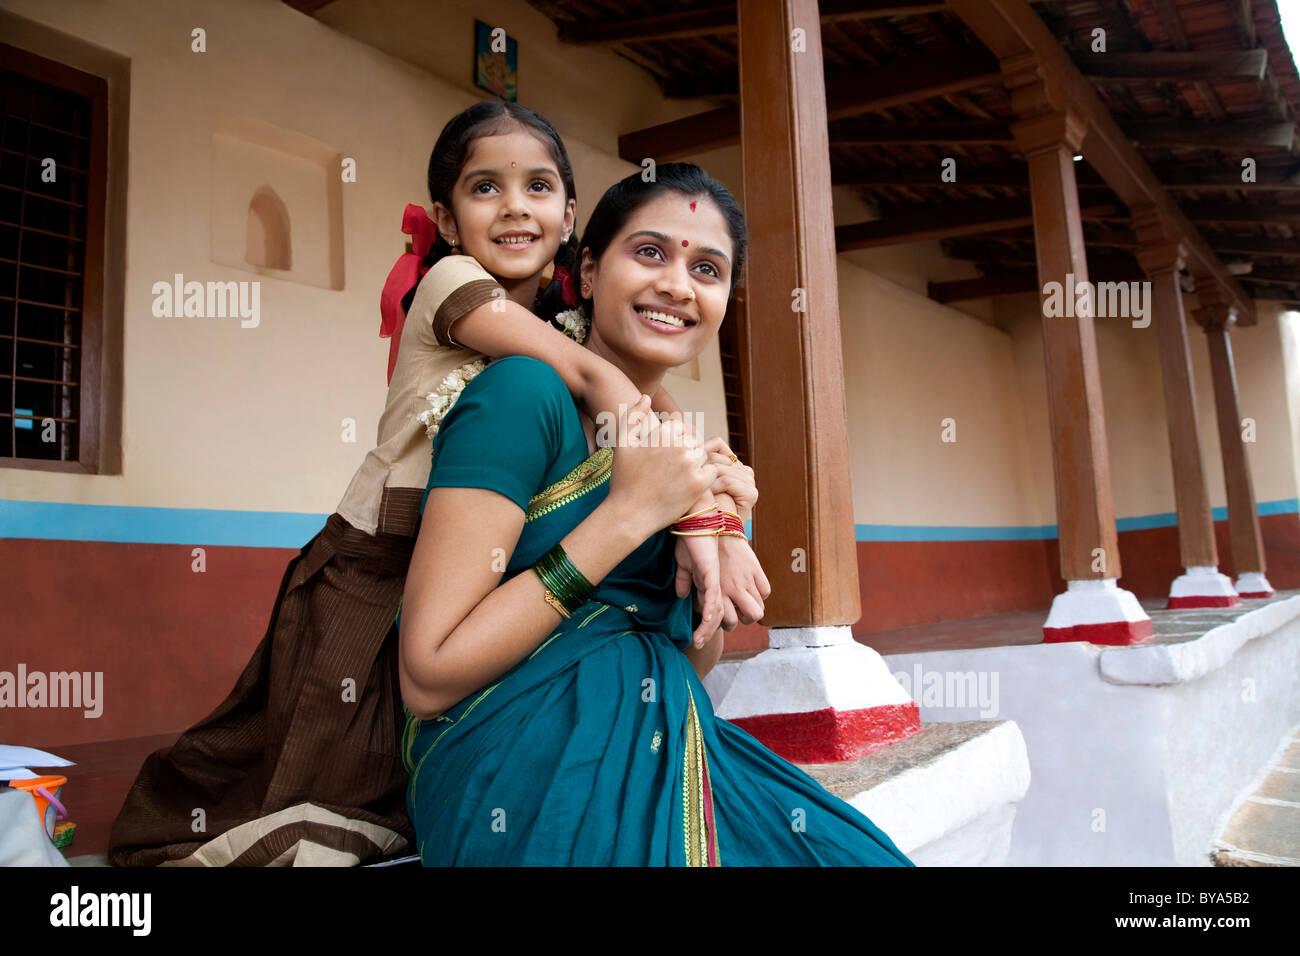 Porträt eines Mädchens und ihre Mutter Stockbild